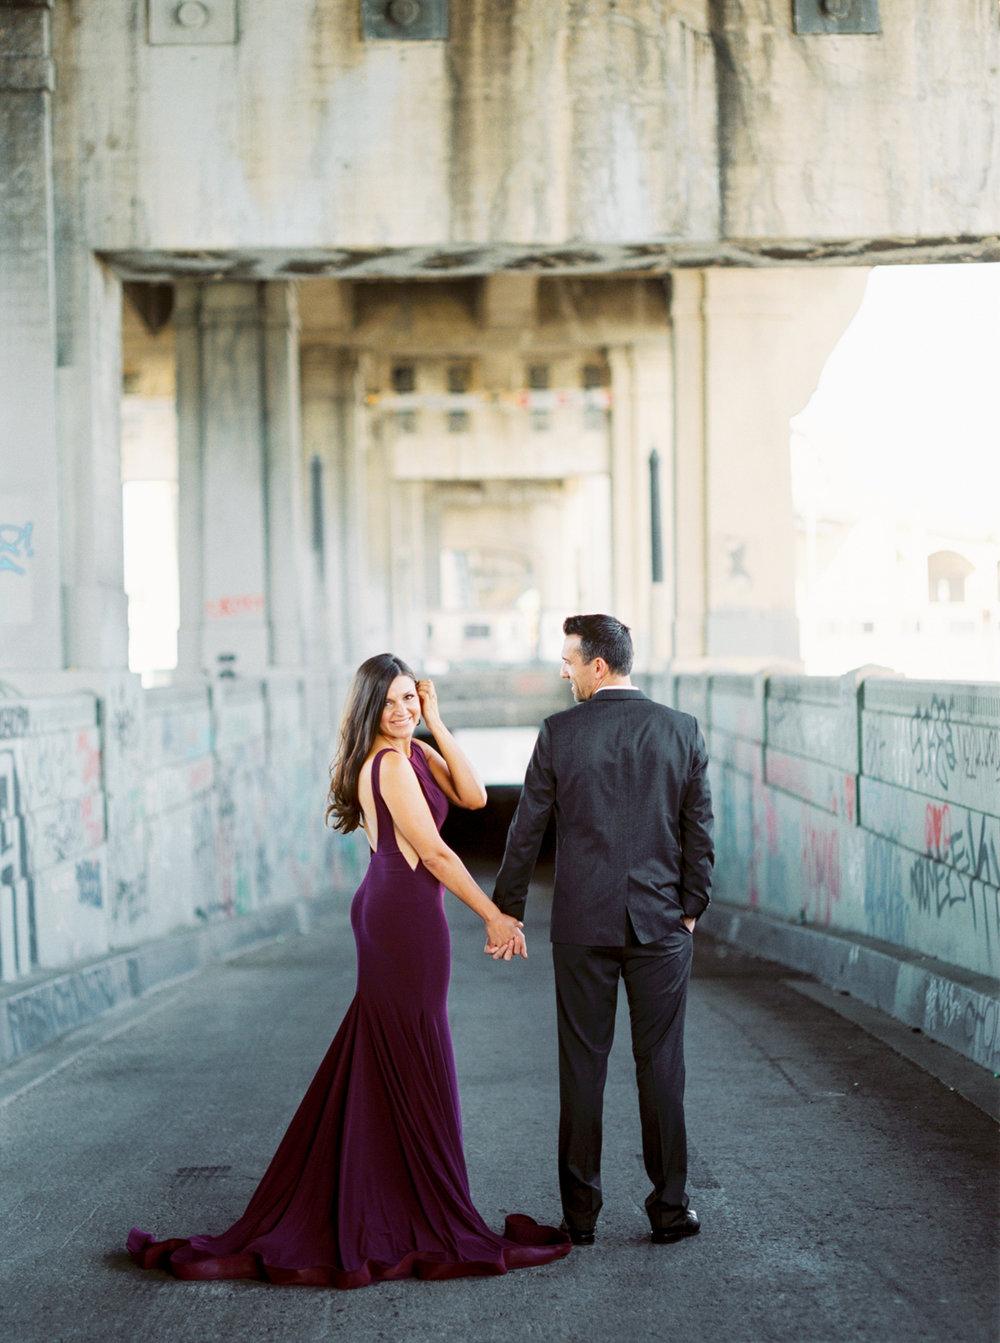 DennisRoyCoronelPhotography_ChantePaul_Engagement-42.jpg